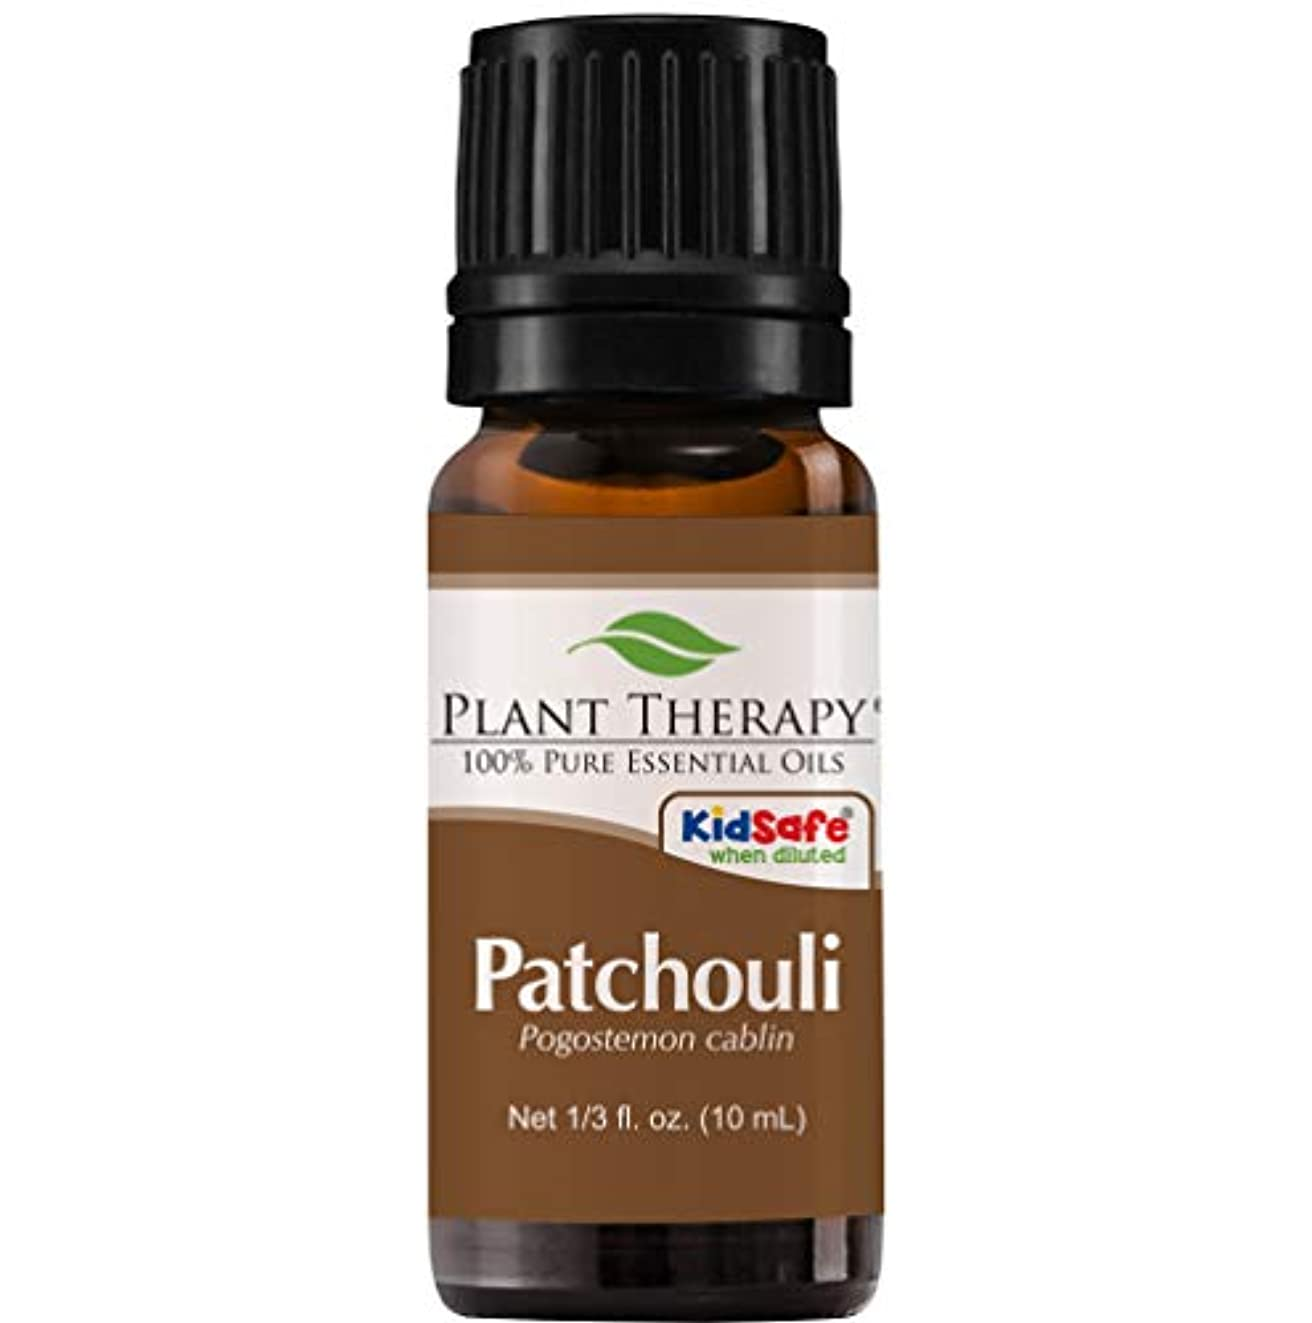 ご飯振り返るレベルPlant Therapy Essential Oils (プラントセラピー エッセンシャルオイル) パチョリ エッセンシャルオイル